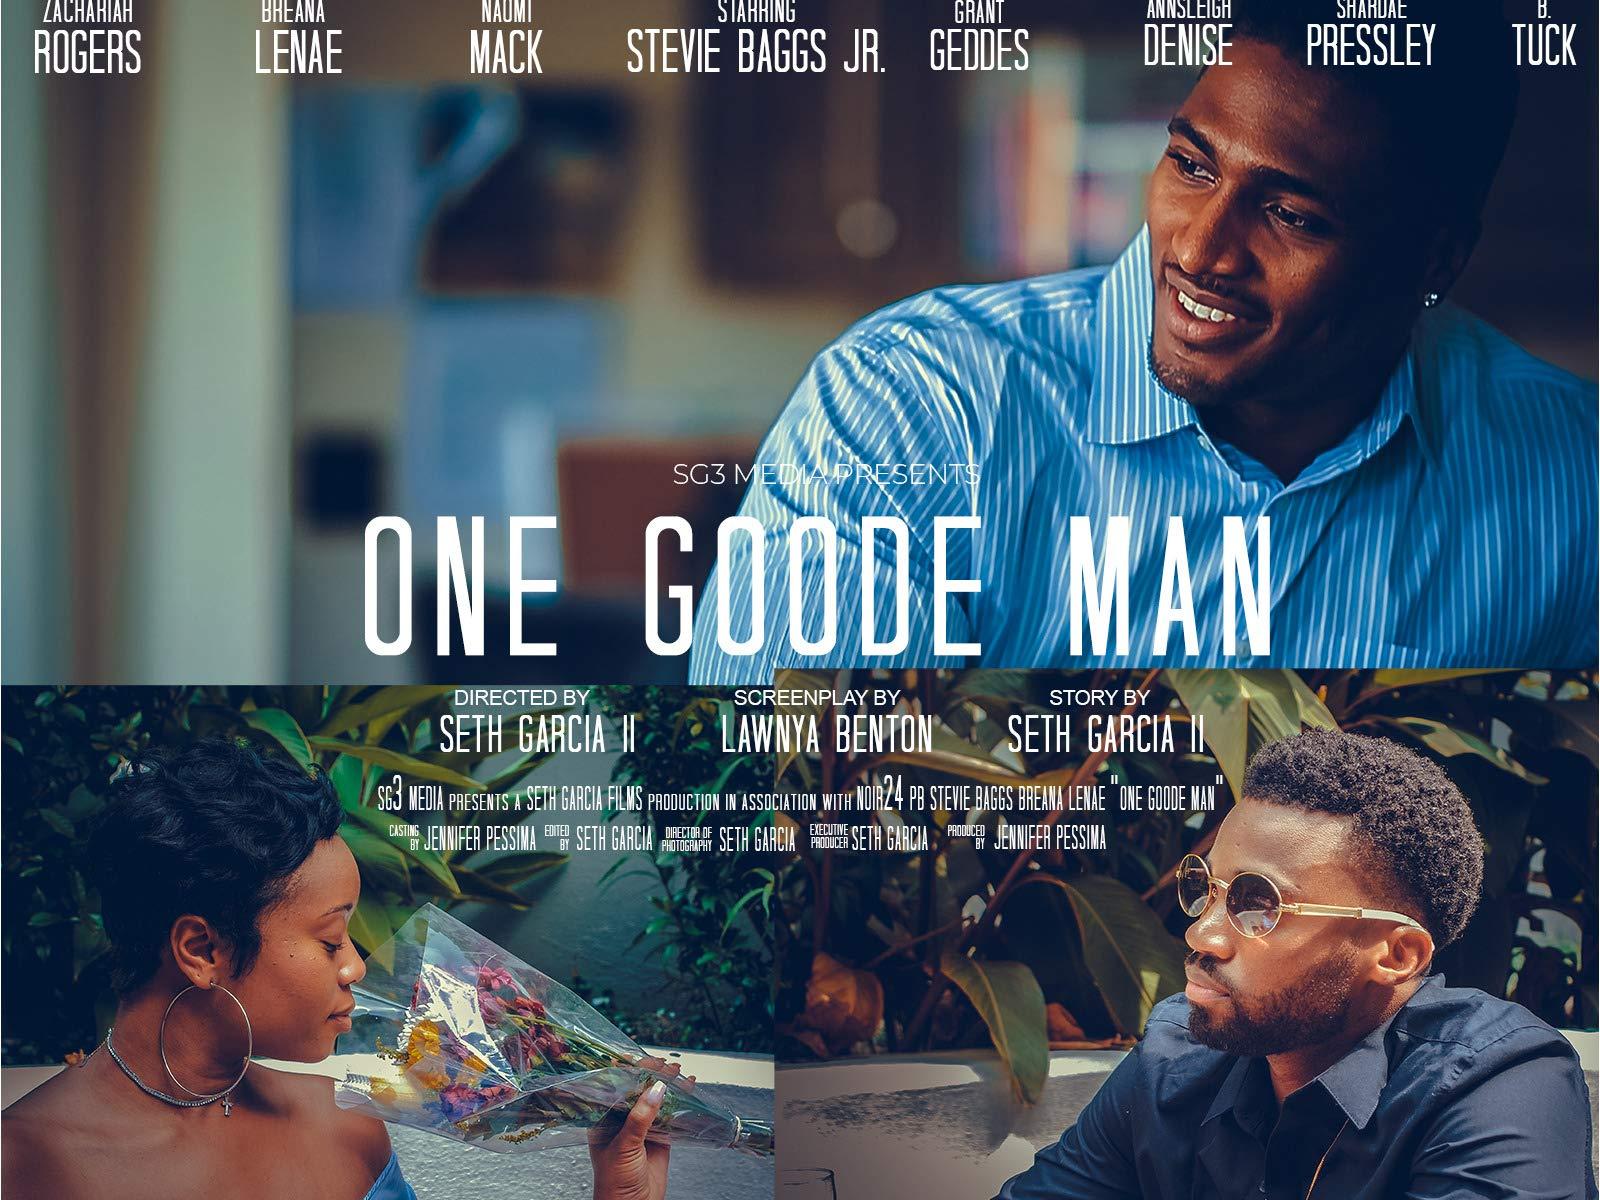 One Goode Man